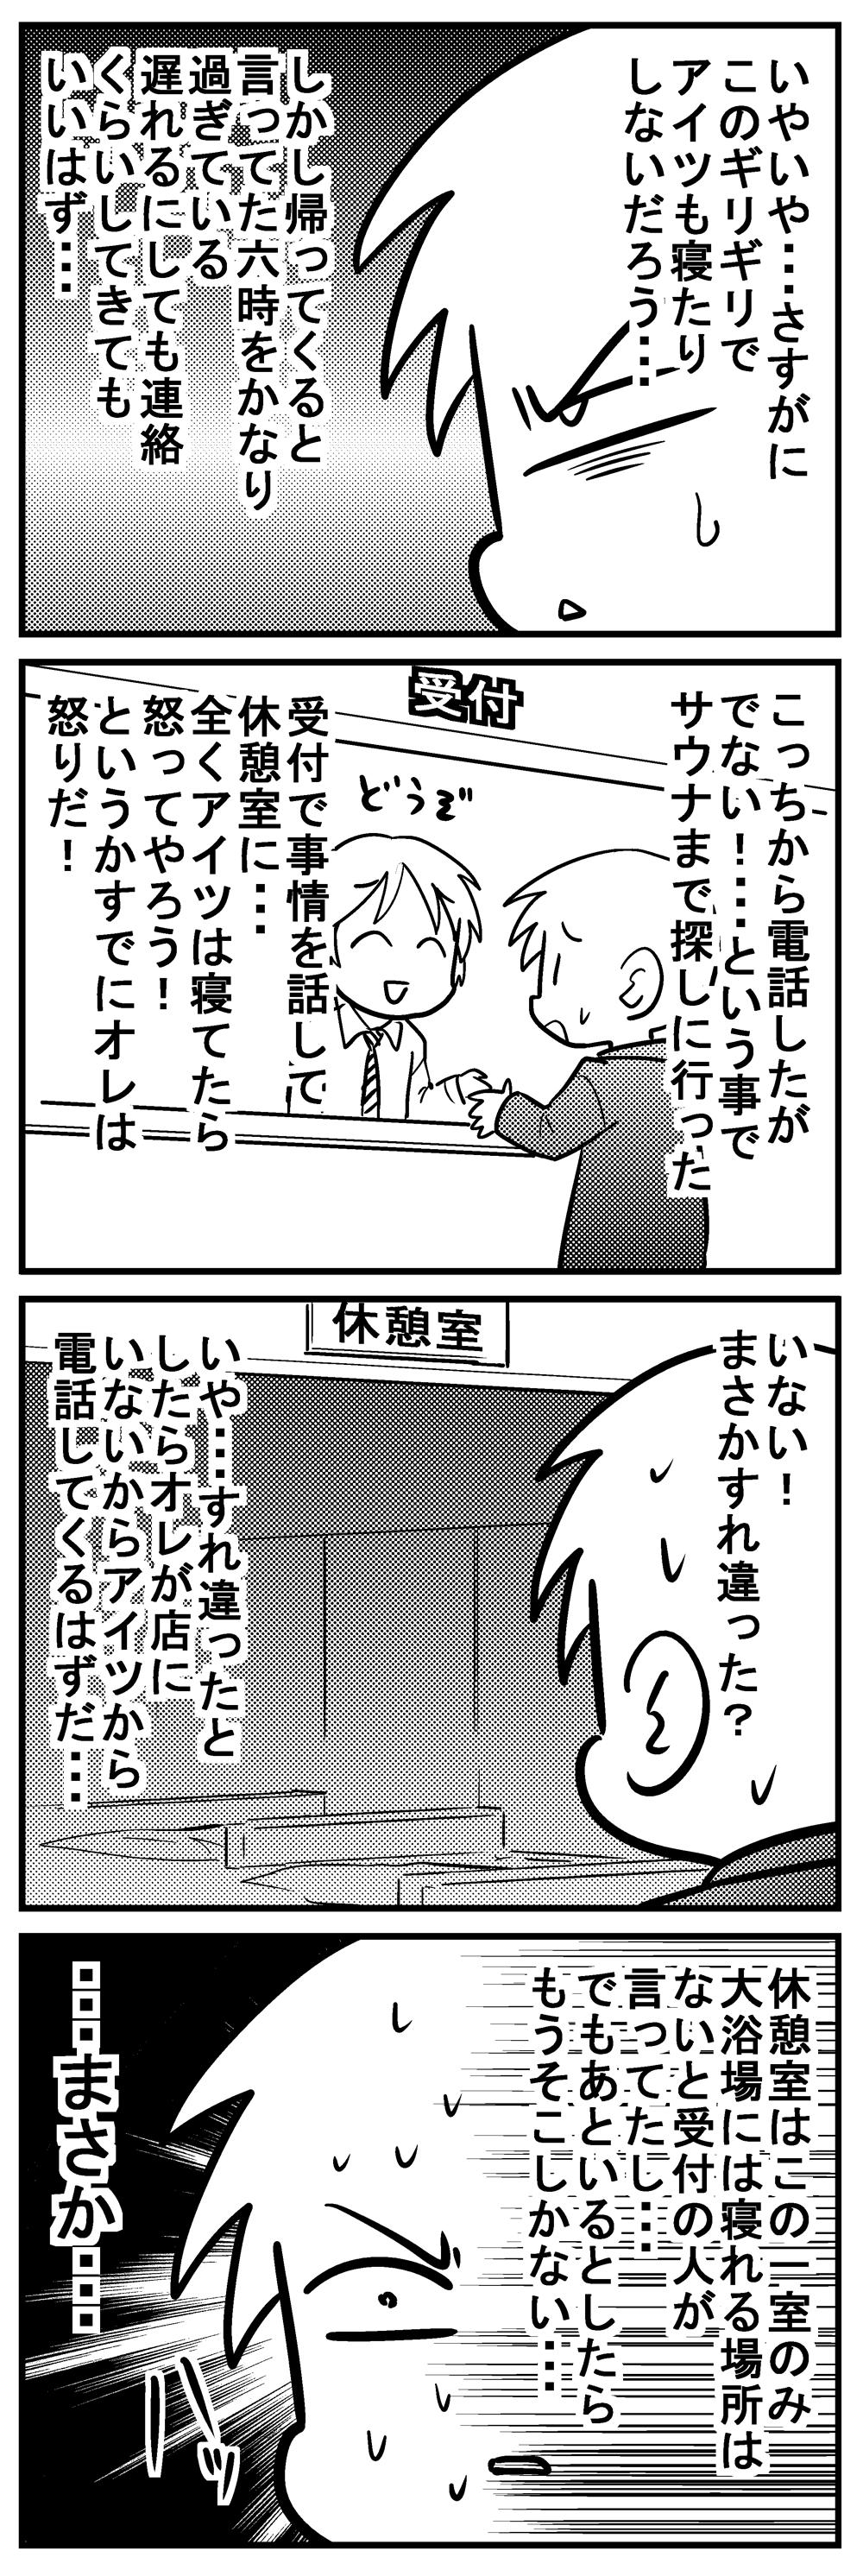 深読みくん135 3